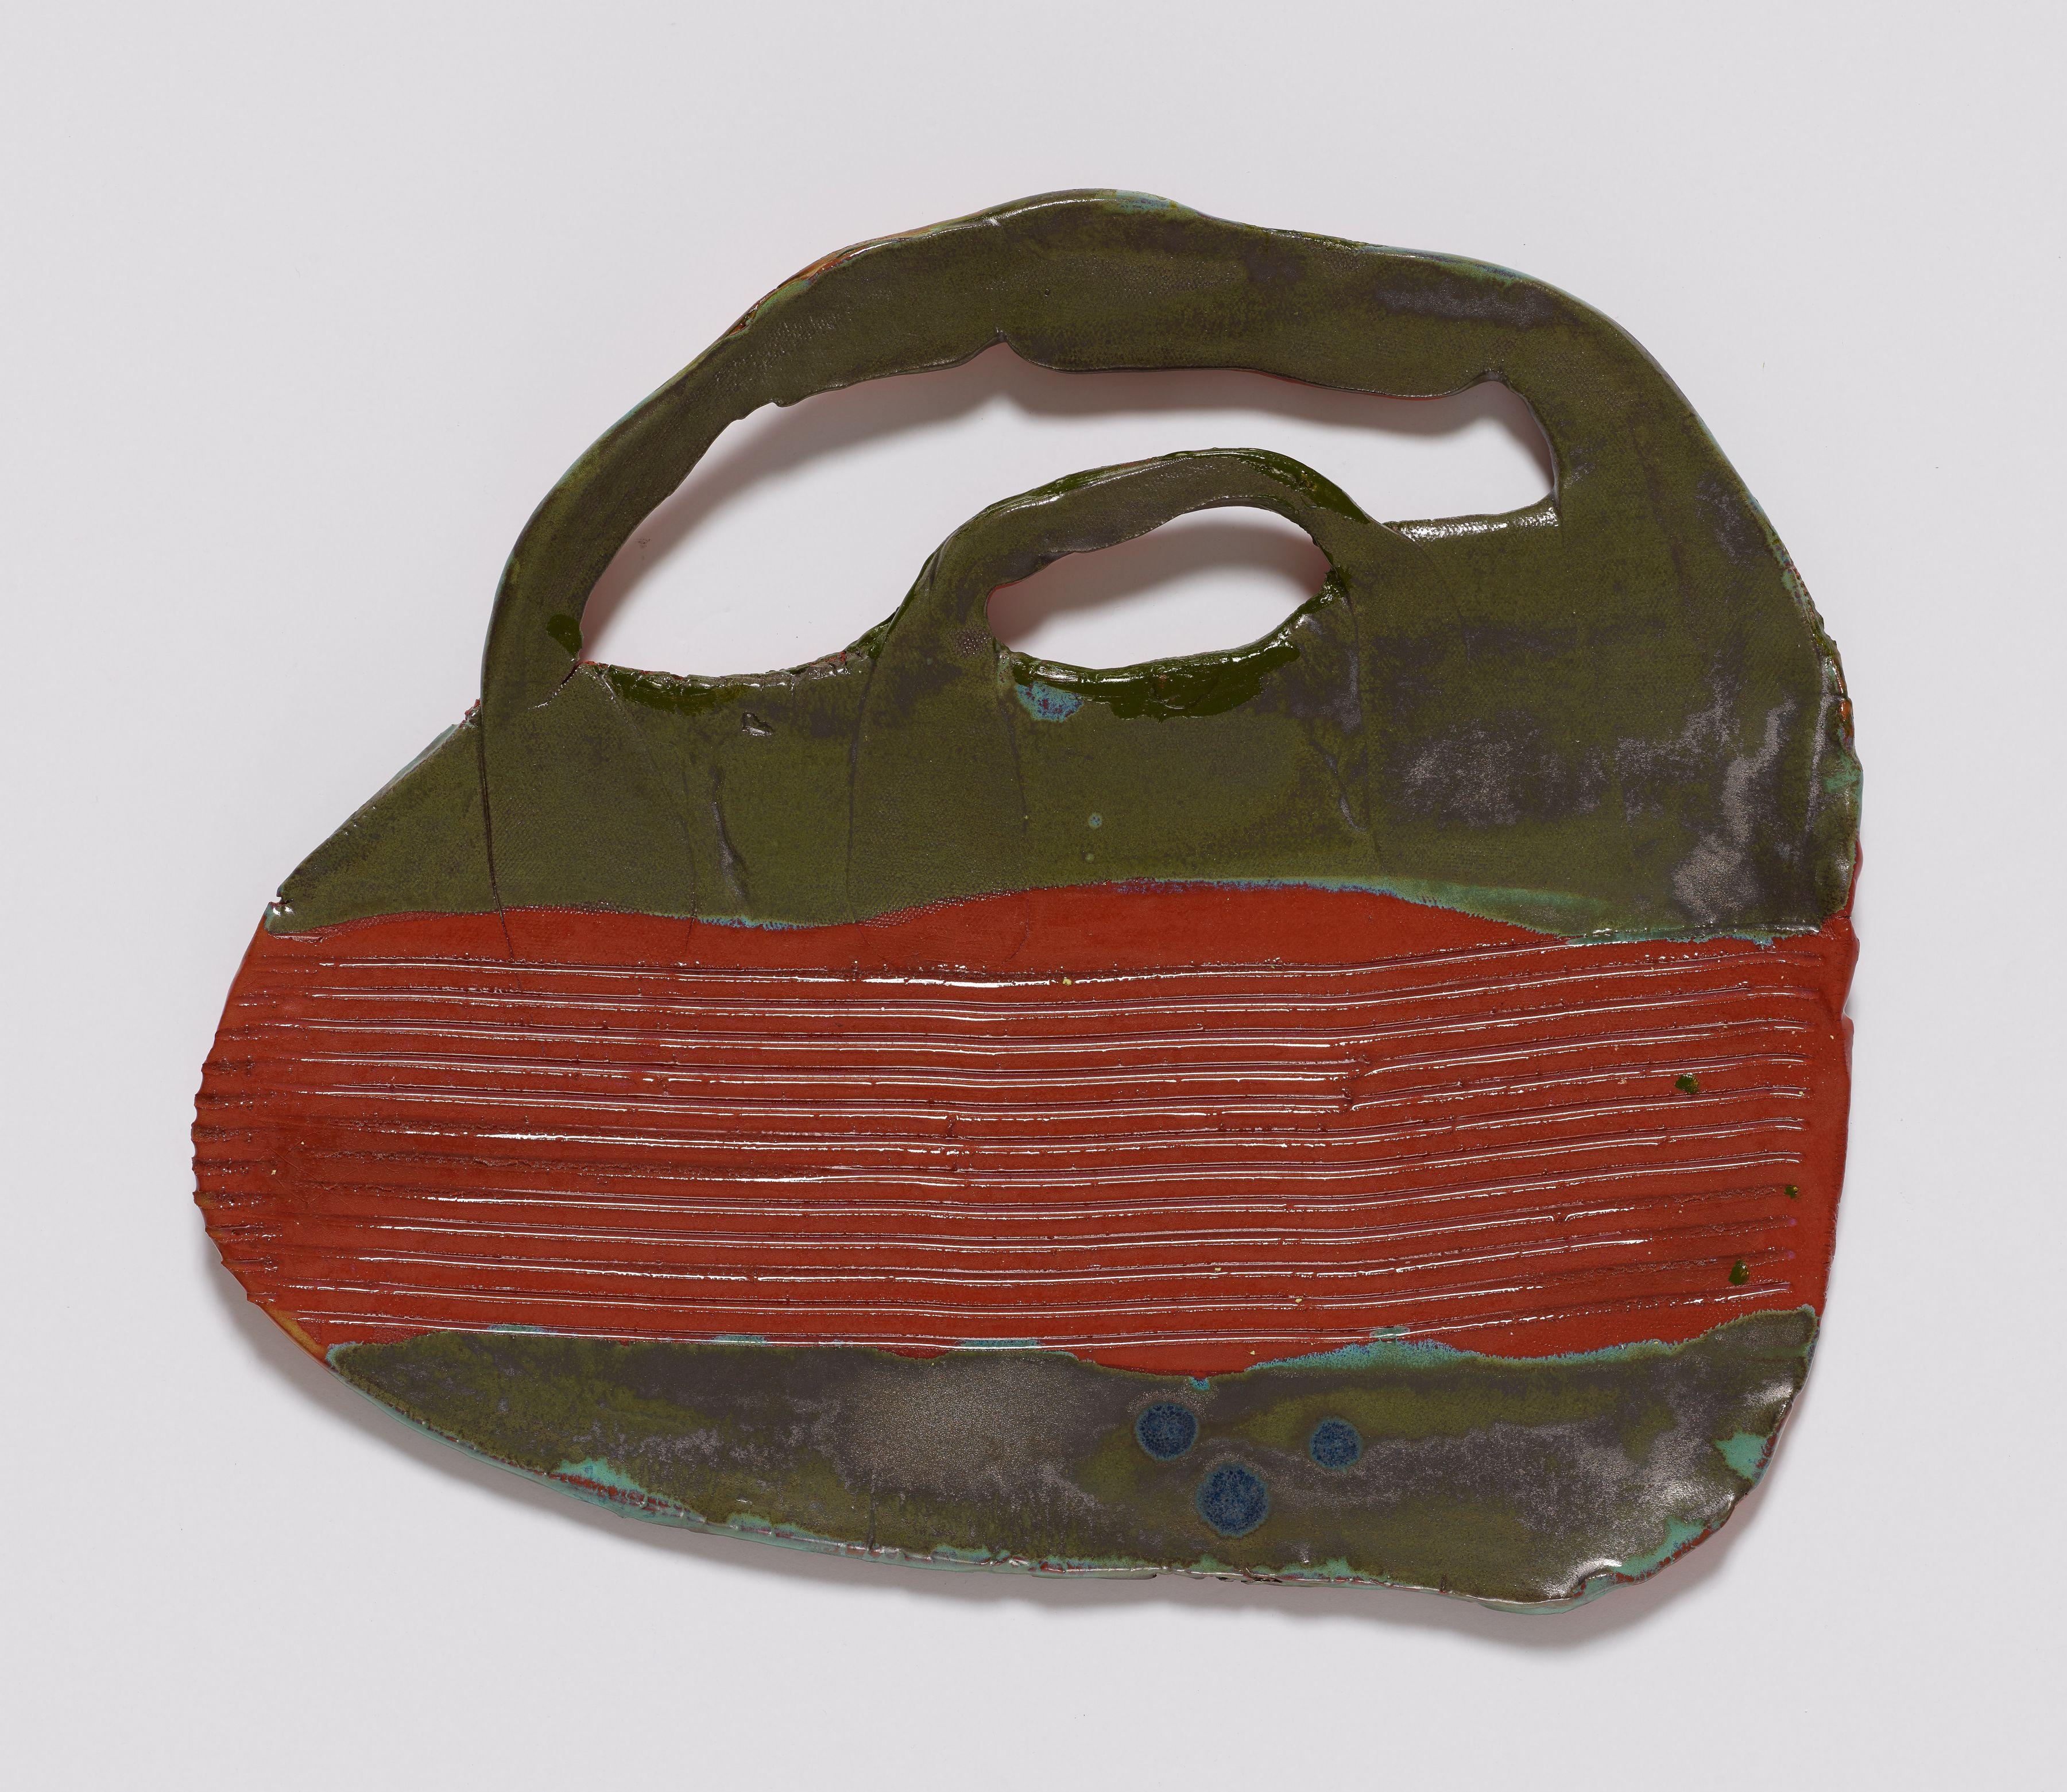 Kiefer, 2017, Terracotta and glaze